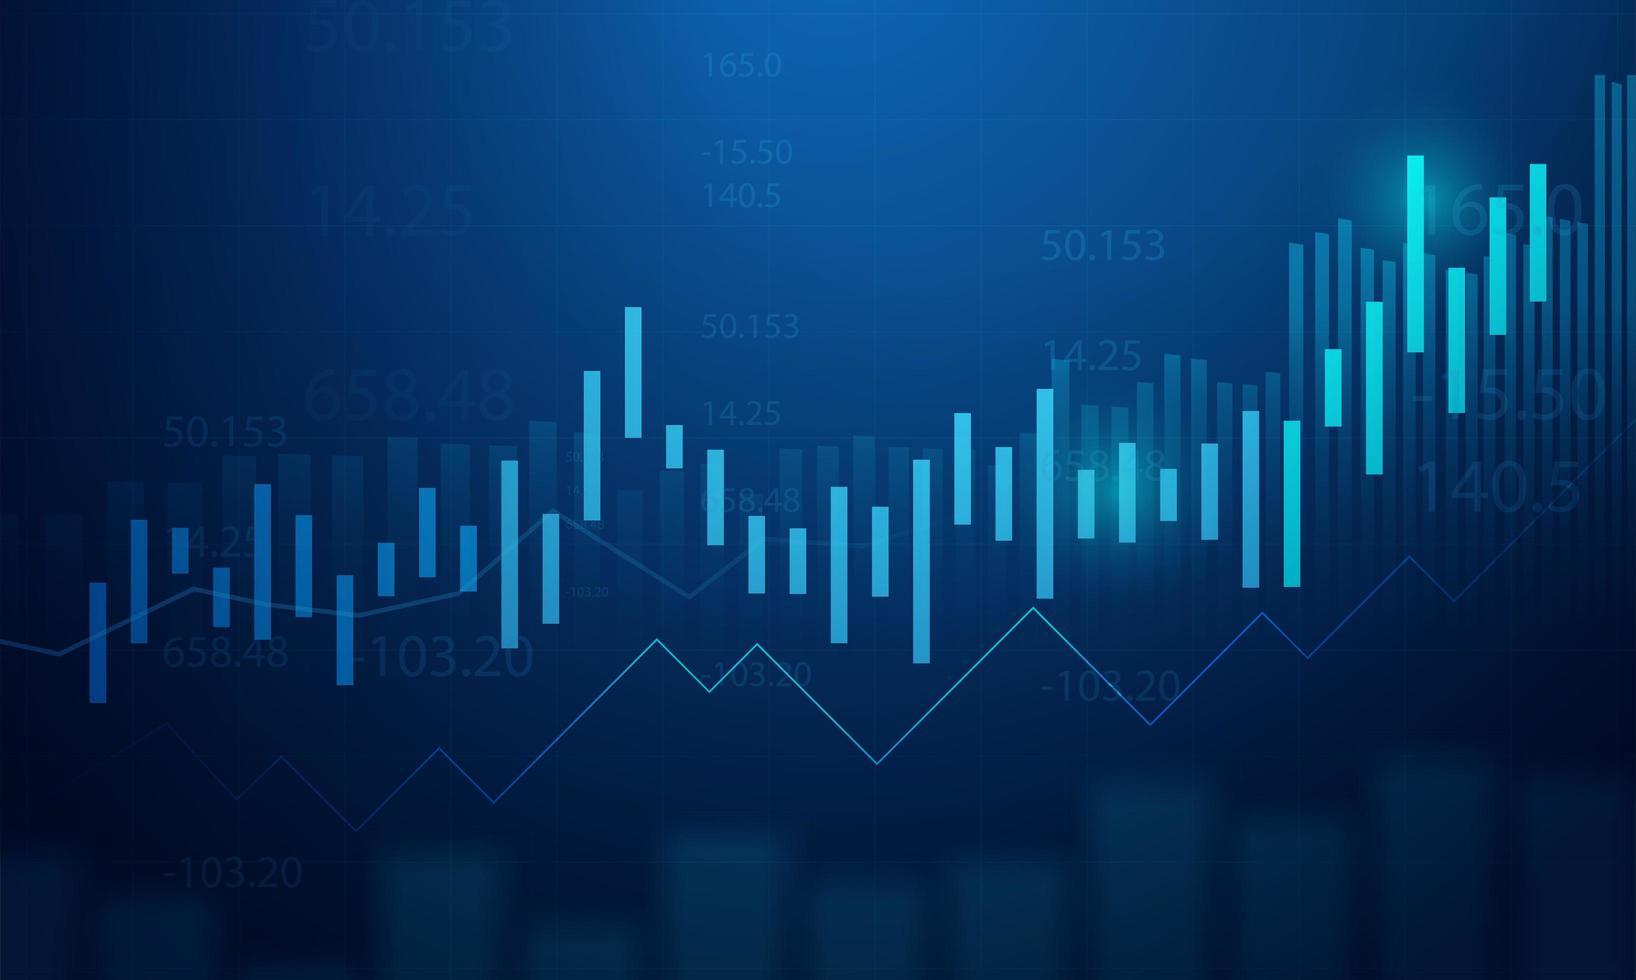 Gráfico de negocio gráfico de inversión bursátil sobre fondo azul. vector